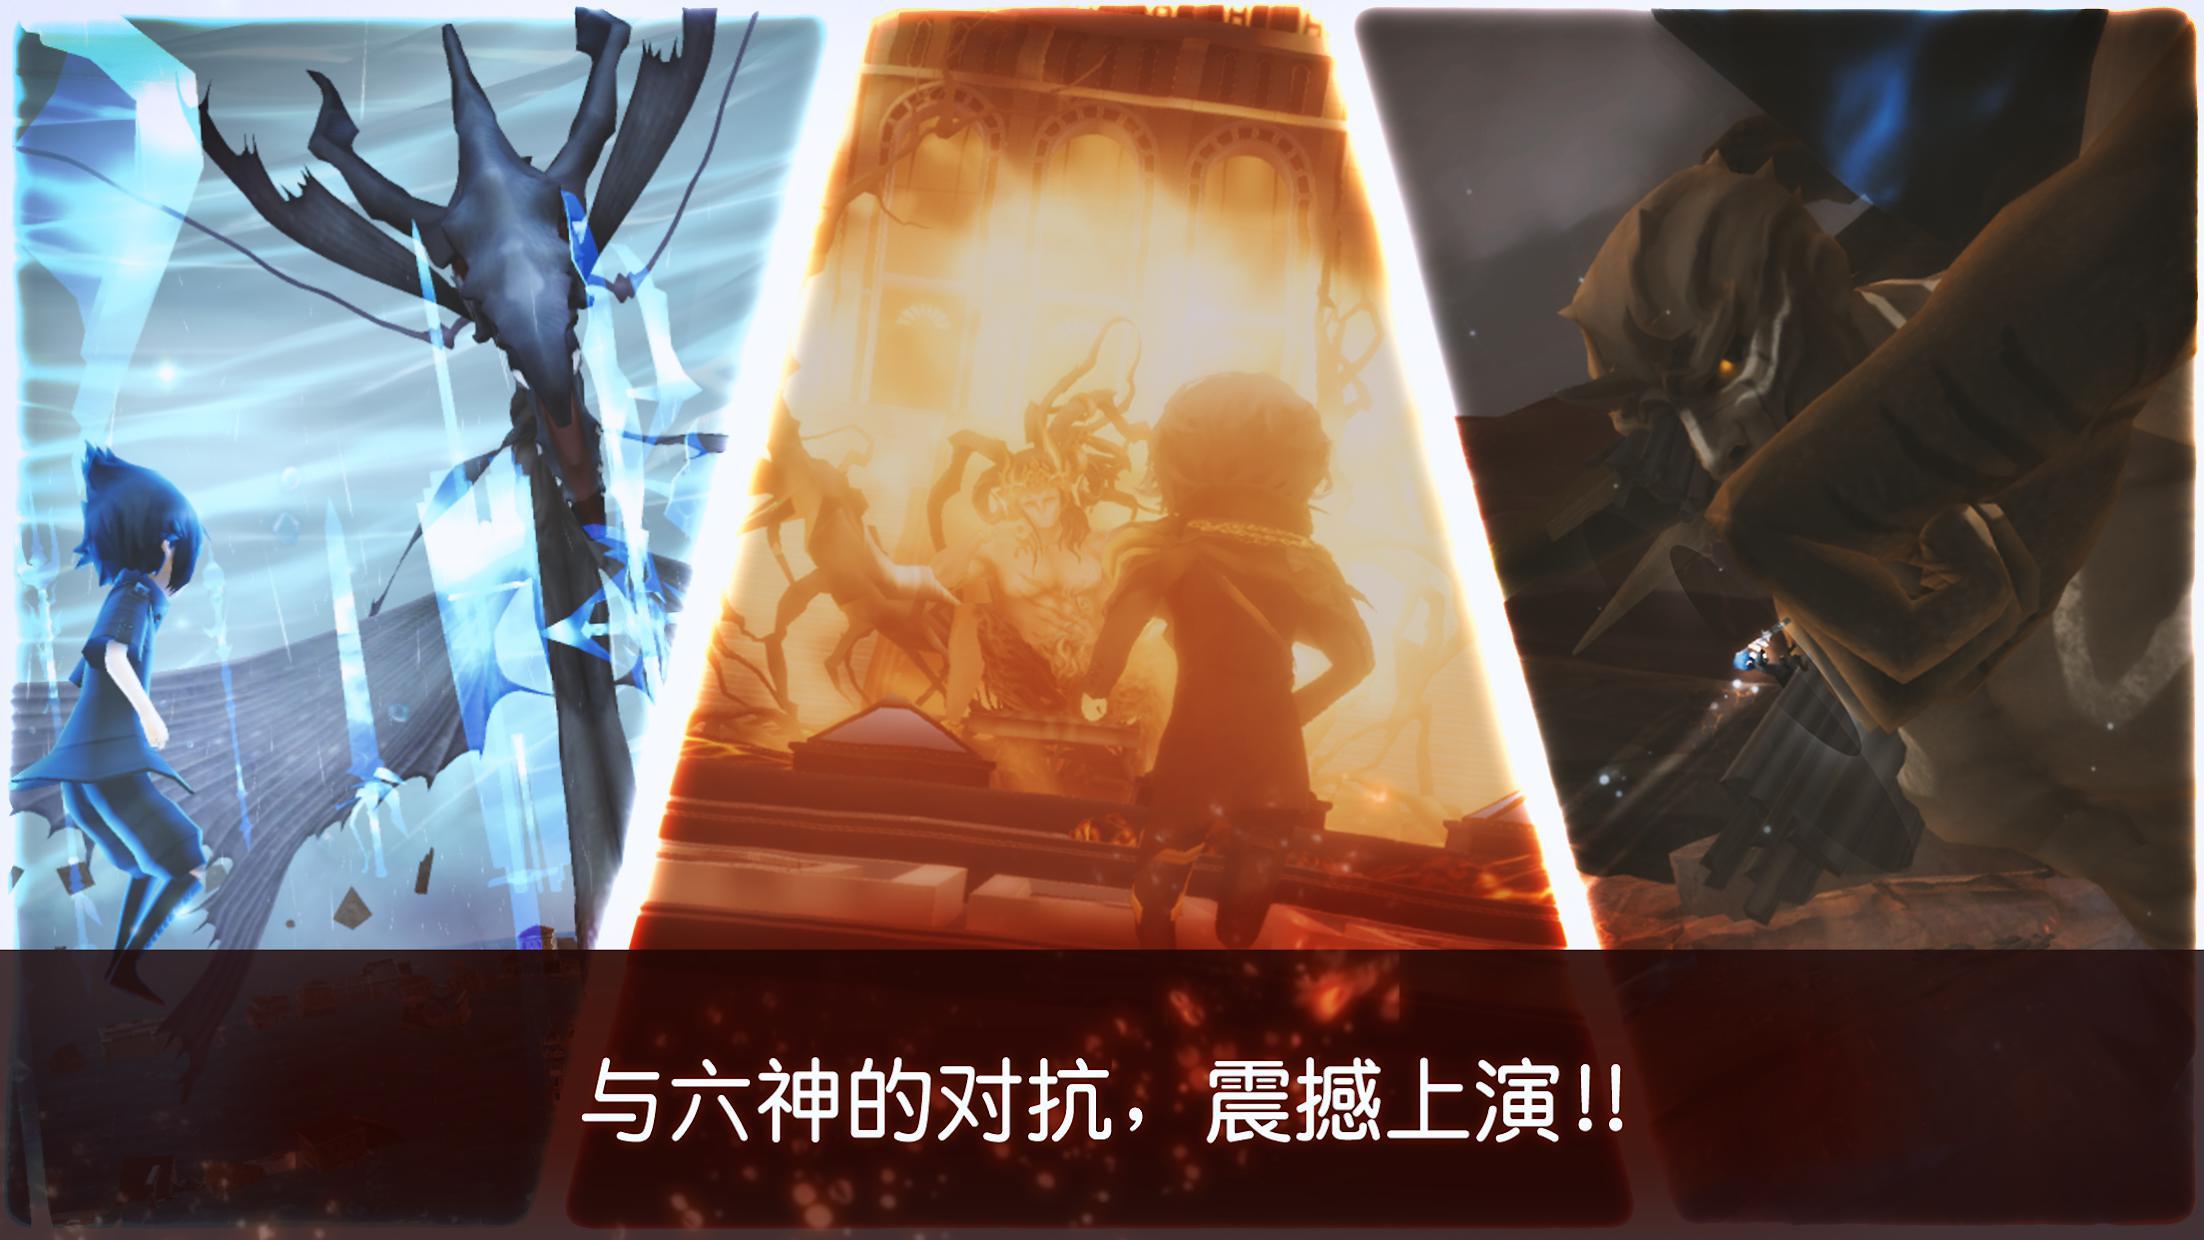 最终幻想15口袋版 游戏截图4